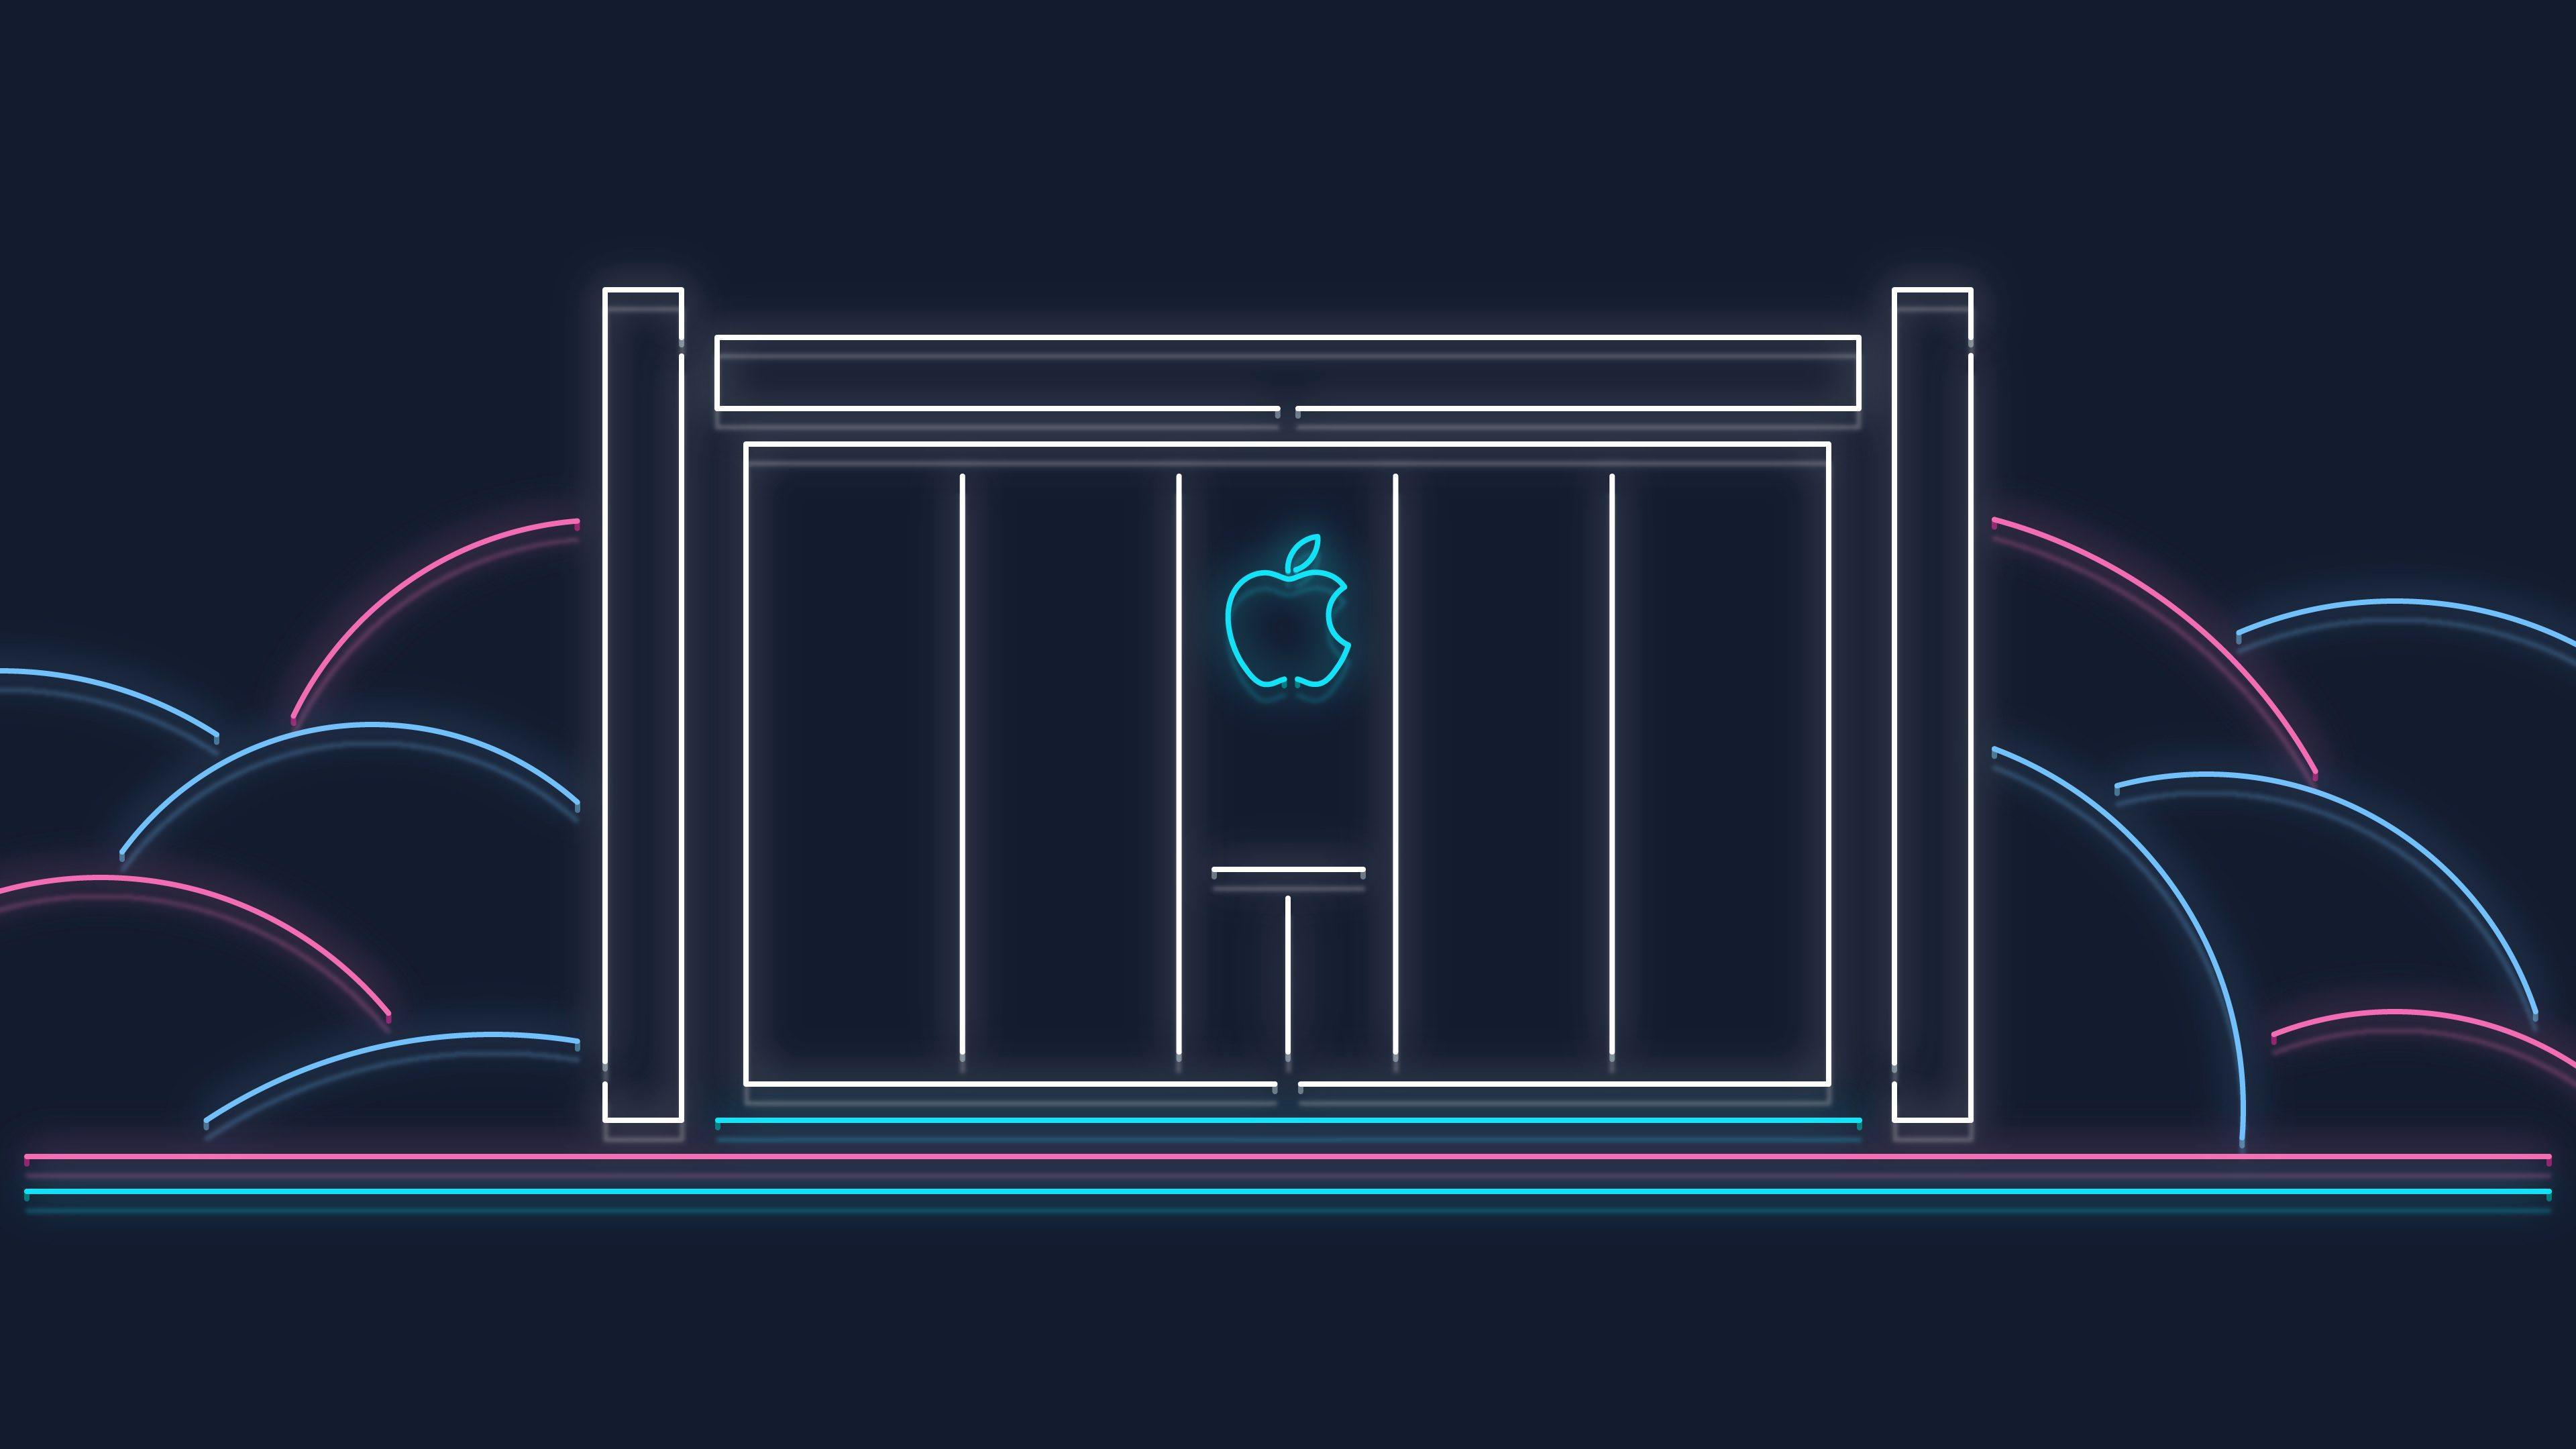 ein Gebäude mit dem Logo von Apple, eine Werbung für WWDC jährliche Konferenz